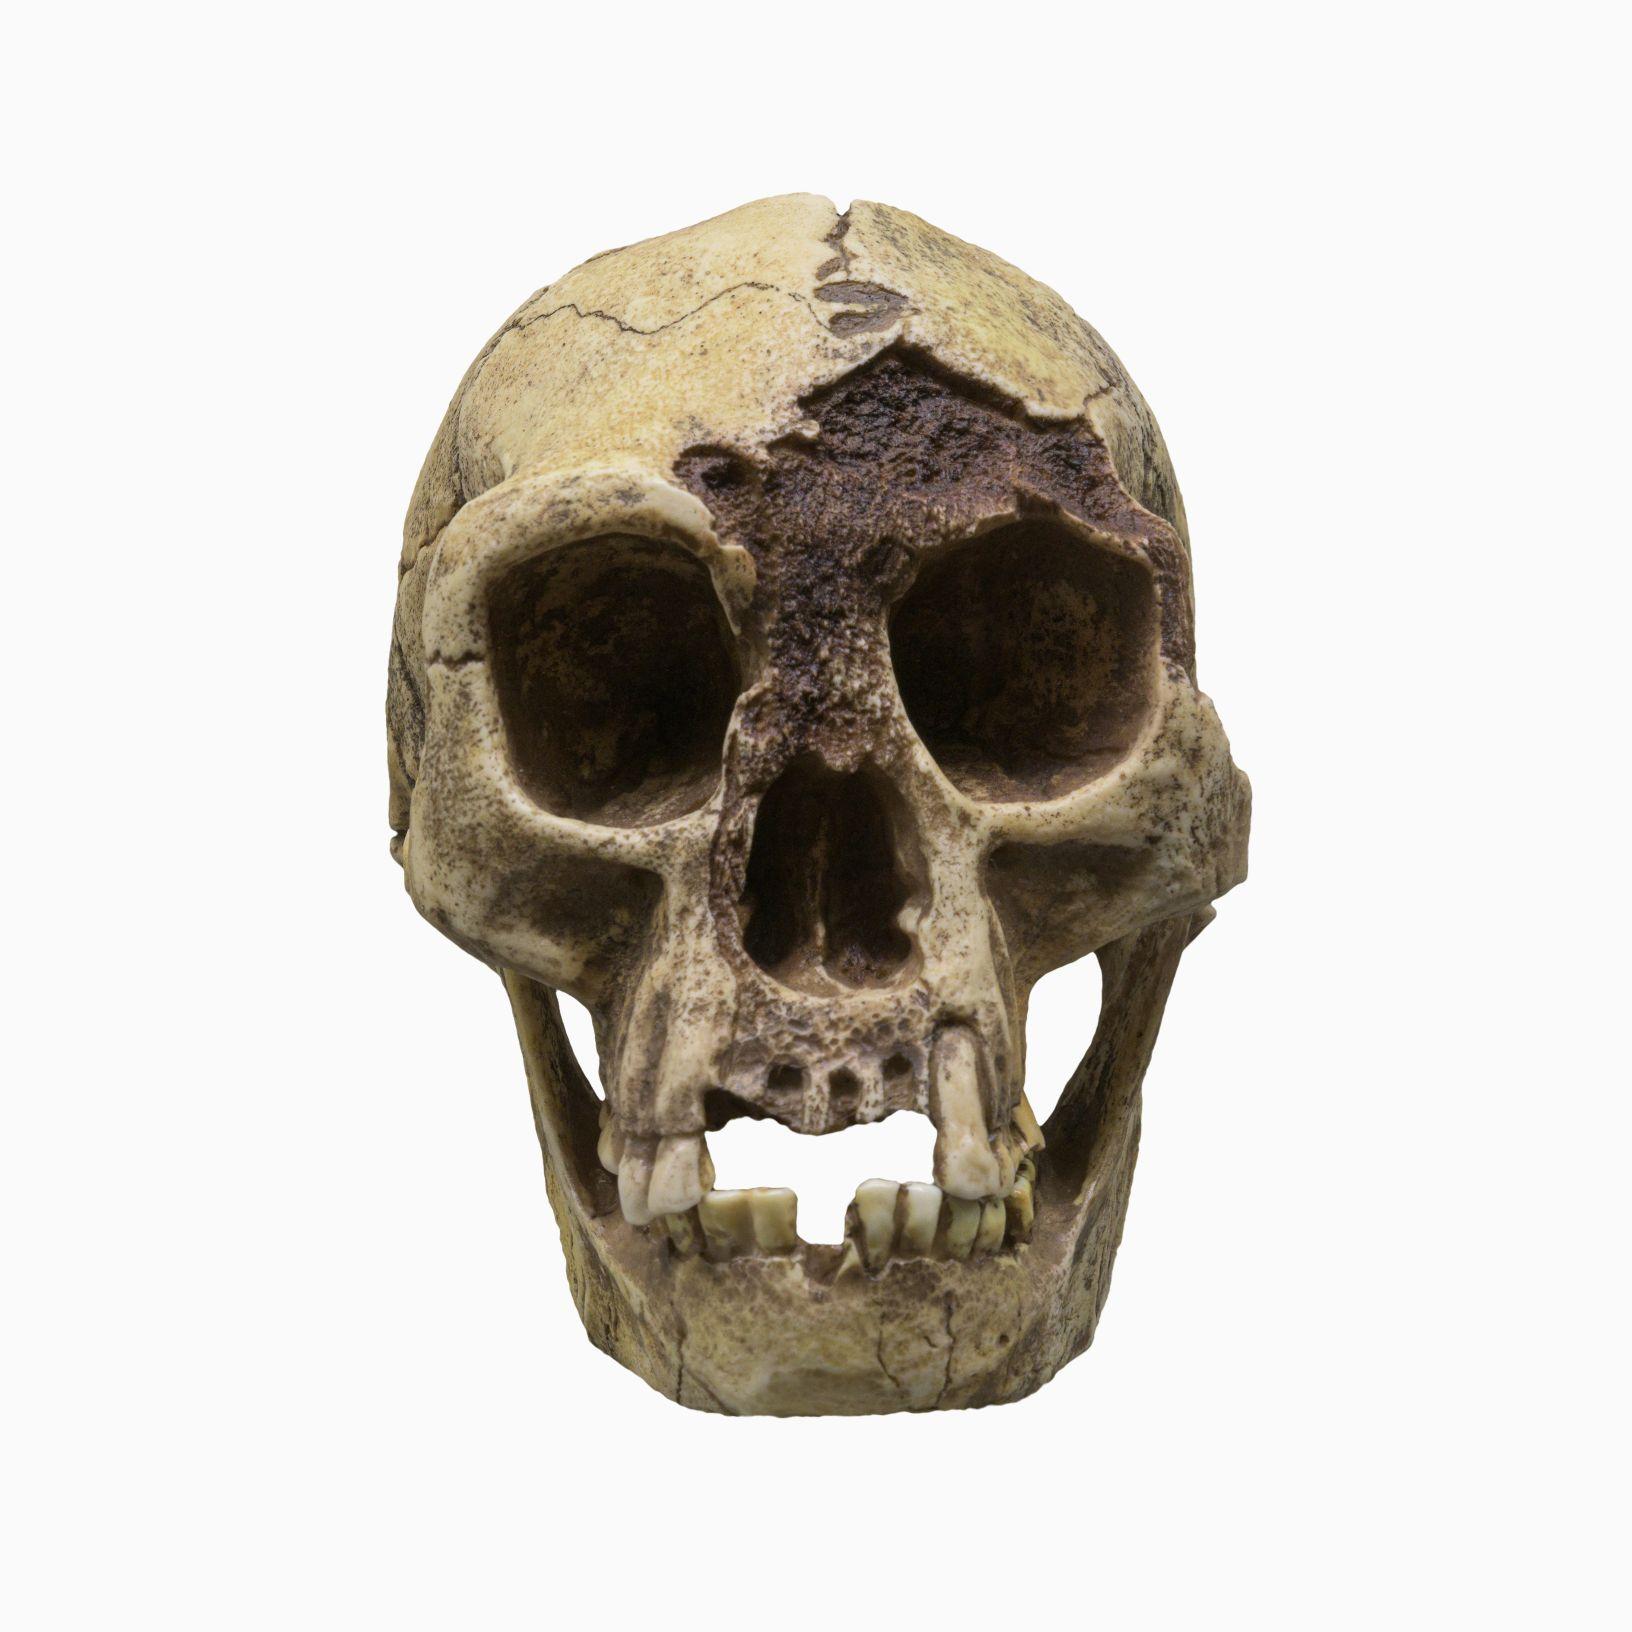 Schedel van H. floresiensis (Flores Man), bijgenaamd 'Hobbit', is een soort van kleine archaïsche mens die het eiland Flores, Indonesië bewoonde. © Image Credit: Dmitriy Moroz | Licentie van DreamsTime.com (Redactionele/commerciële gebruiksfoto, ID: 227004112)